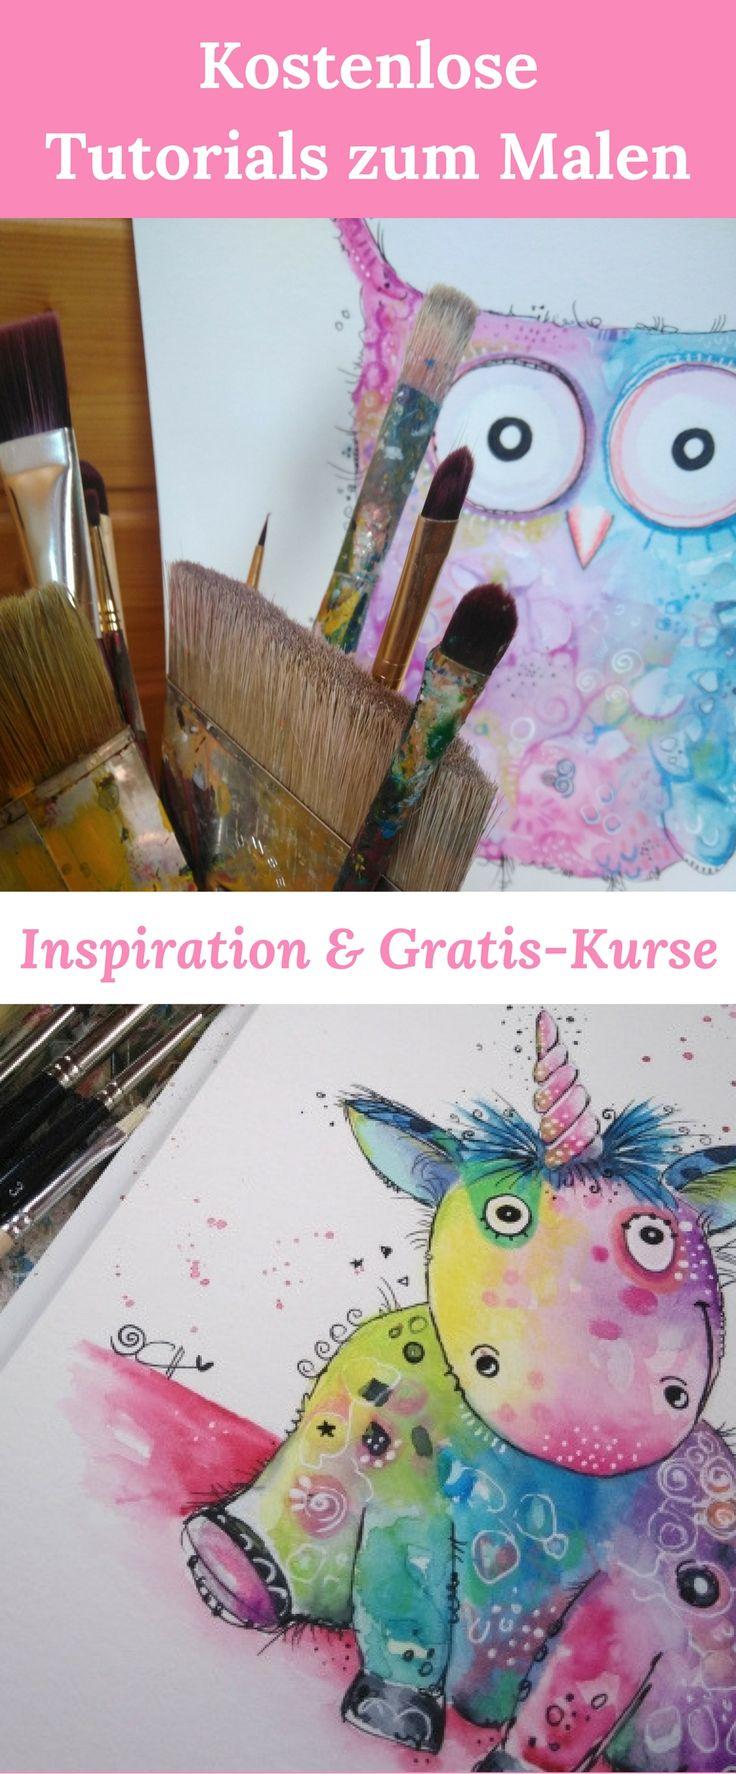 Kostenlose Mal Tutorials und Anleitungen: Erhalte neue Ideen zum Malen und kreat…